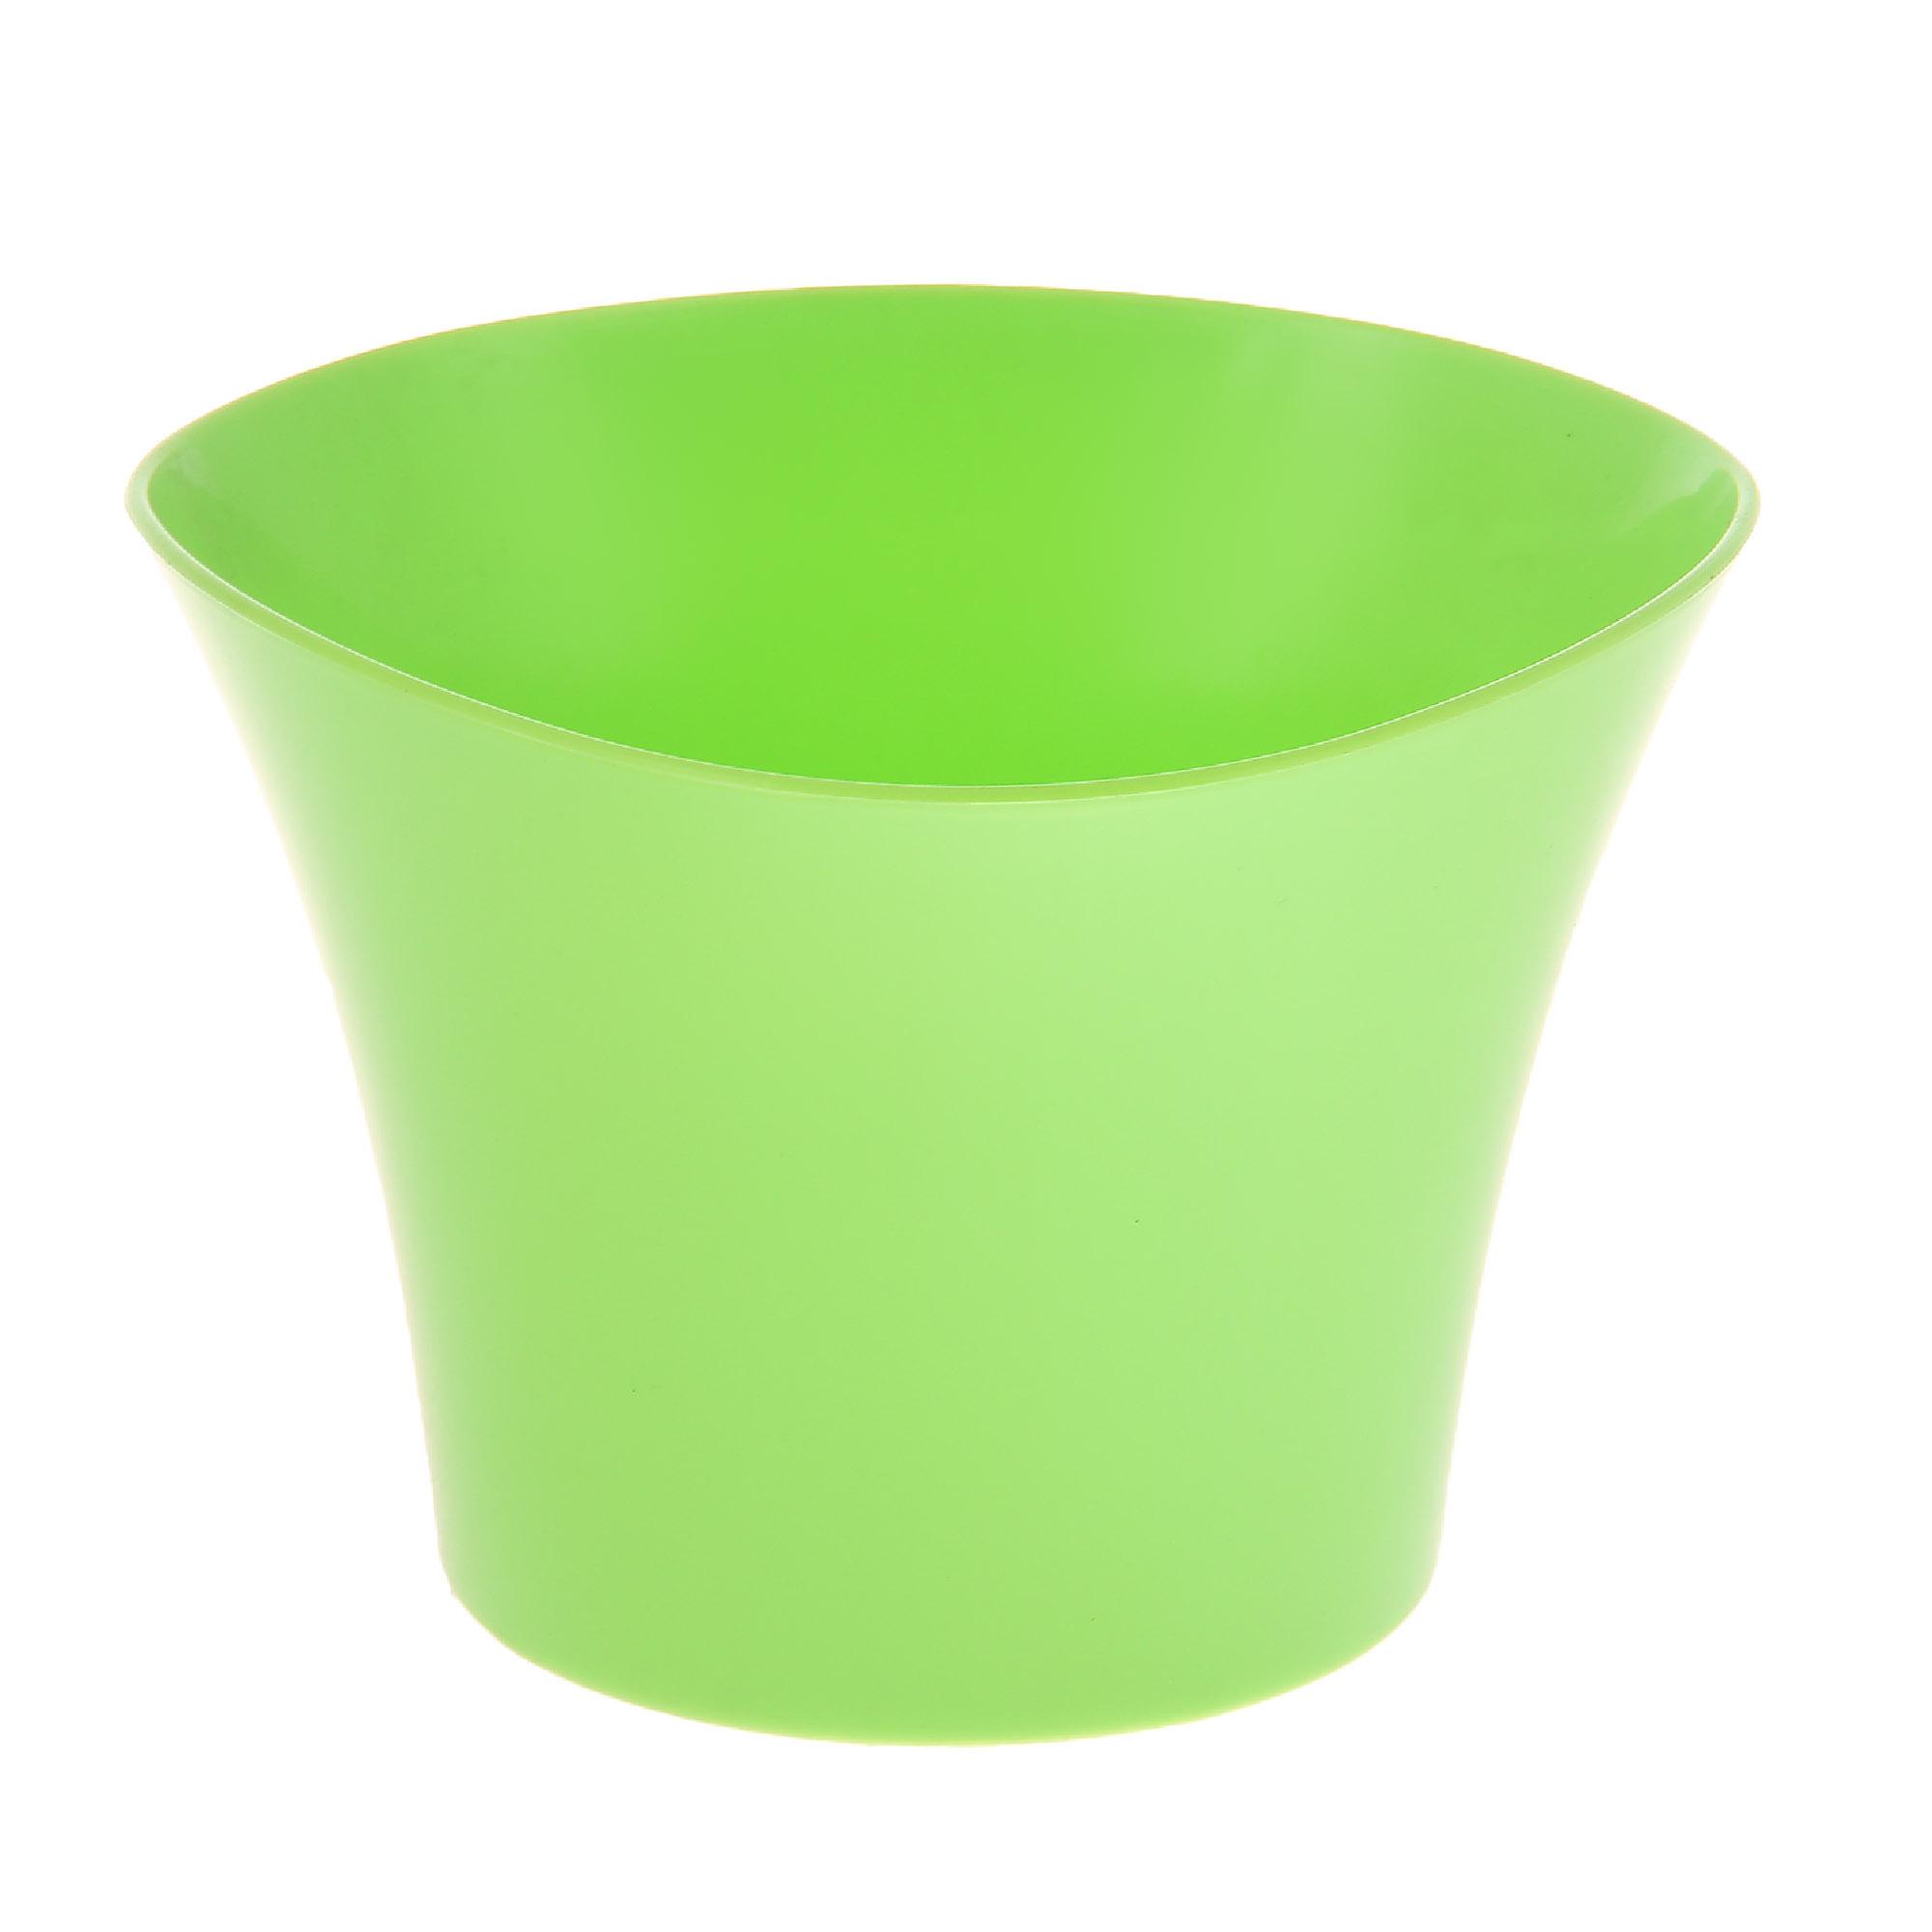 Кашпо Интерлинк волна 20 см зеленый кашпо интерлинк волна 12 см бирюзовый